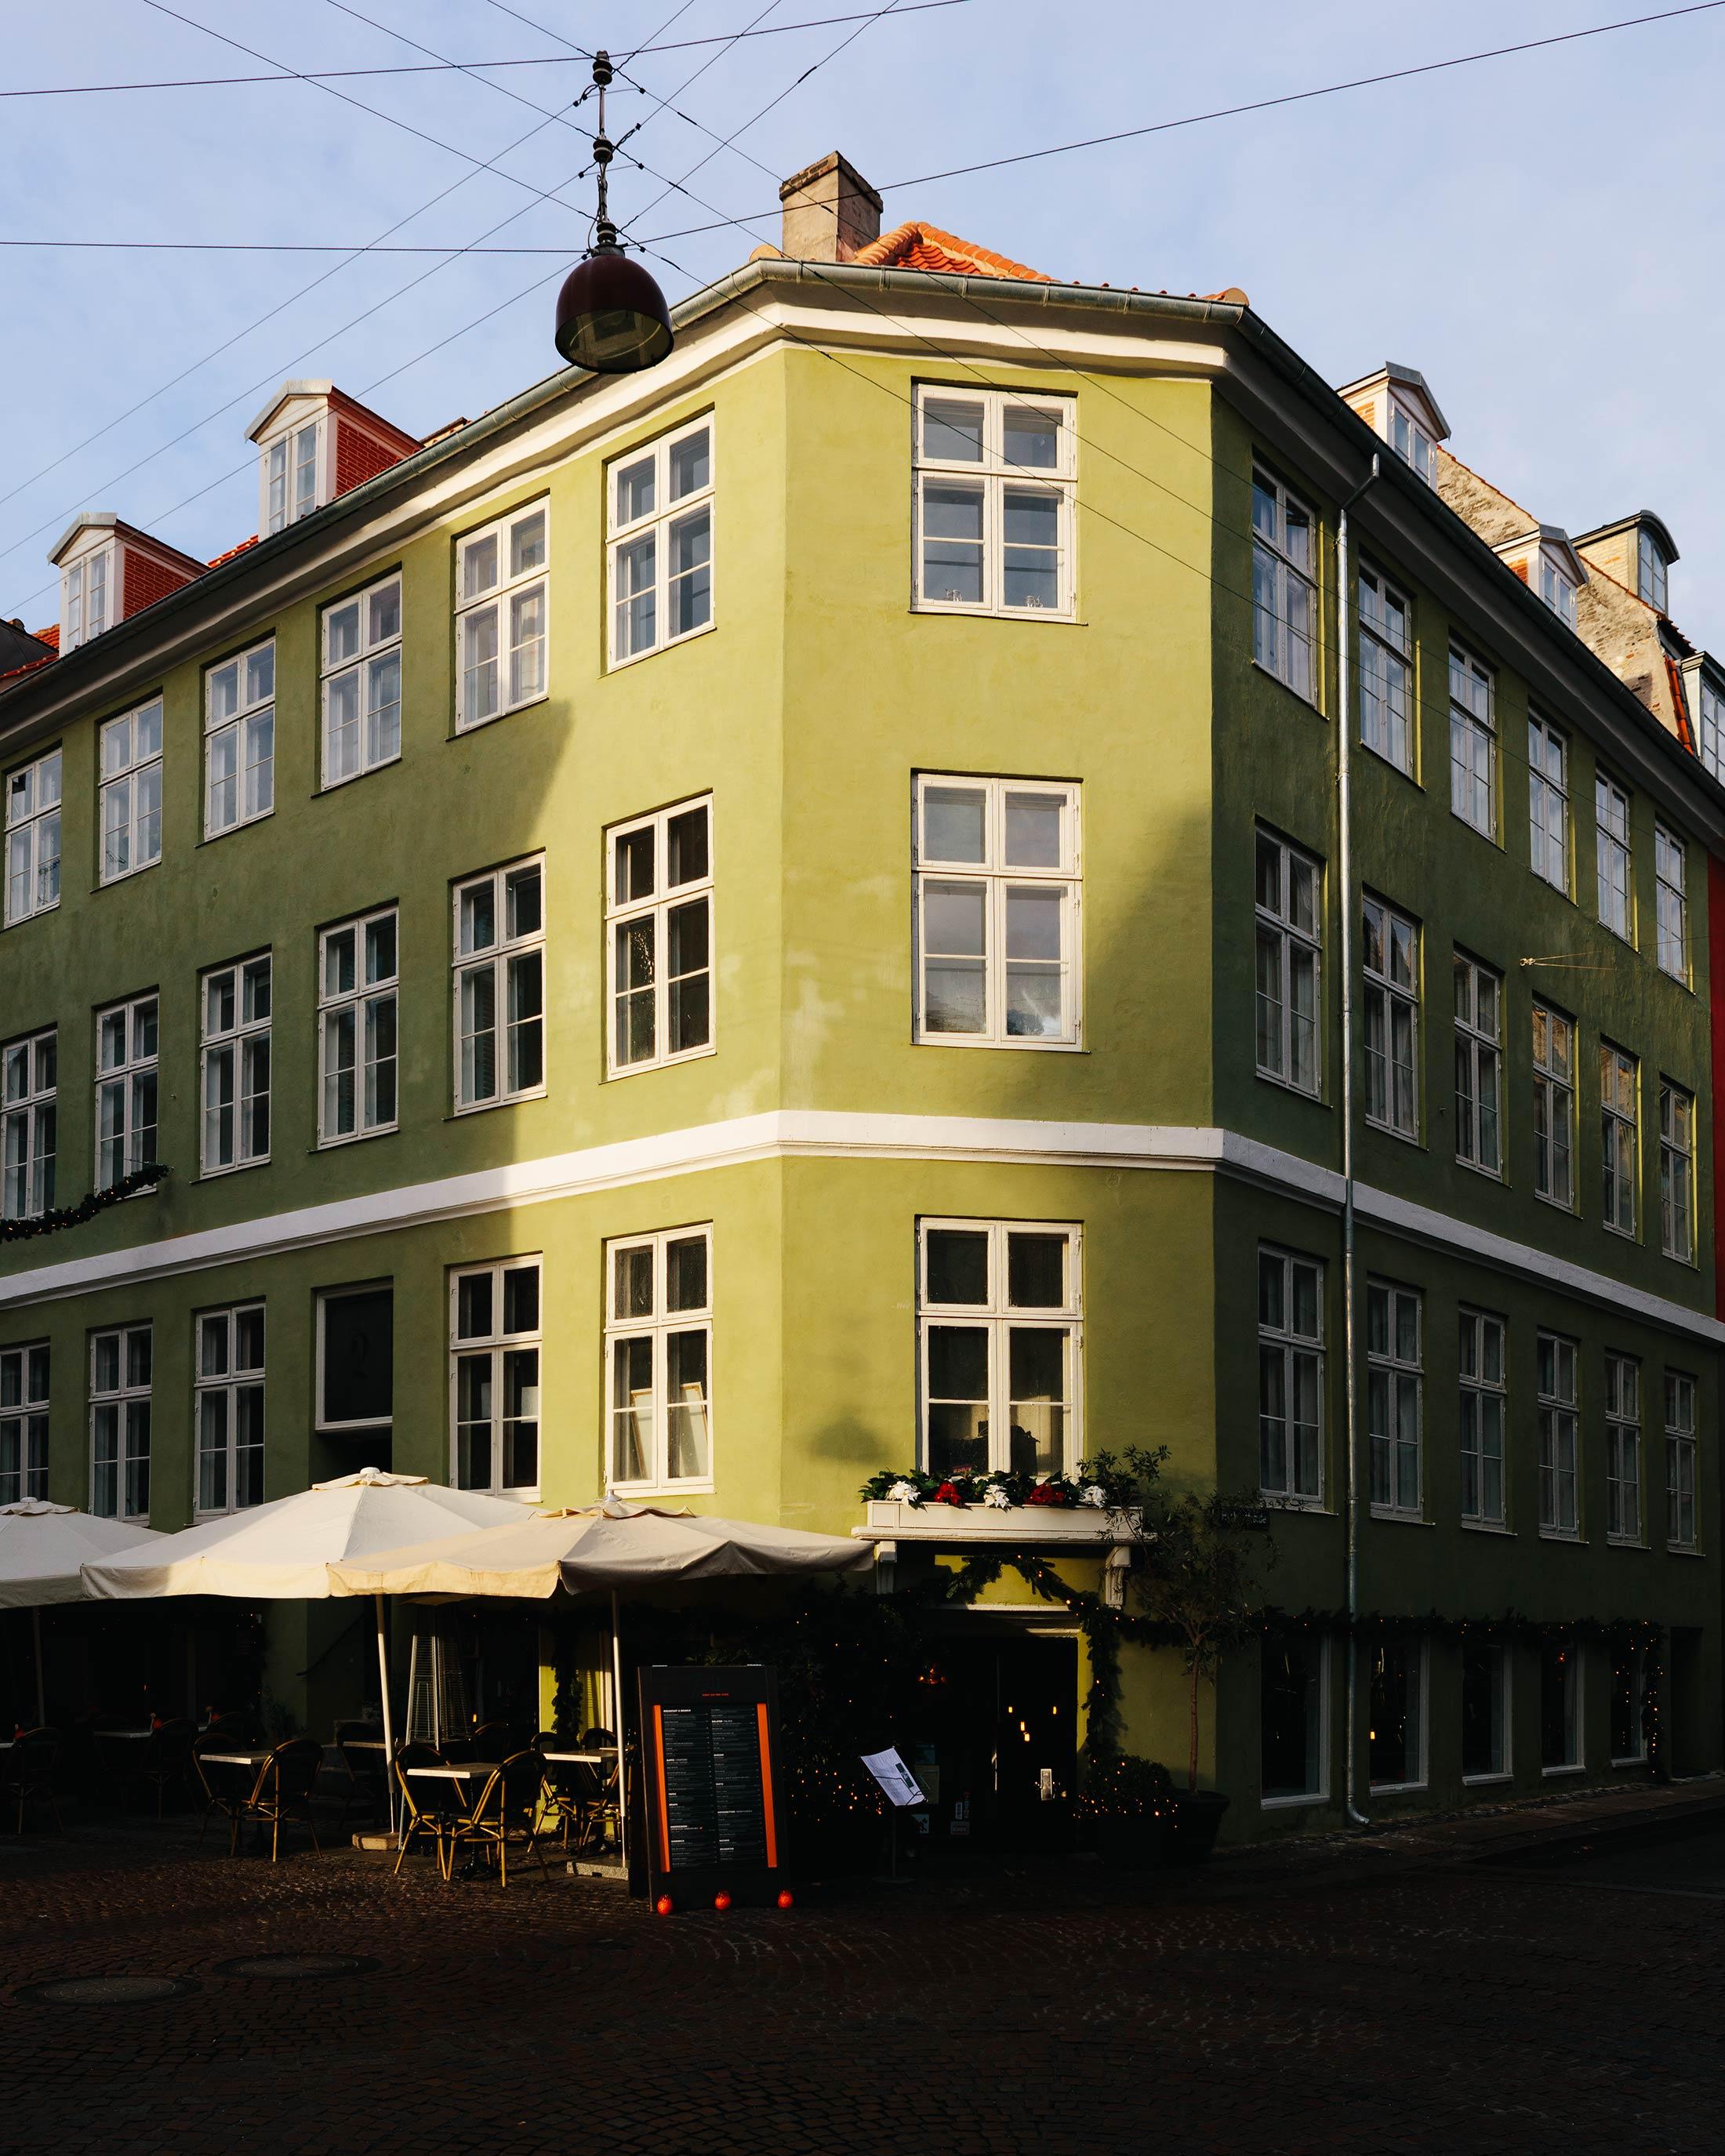 CPH_Kopenhagen_02-Mitja_Schneehage